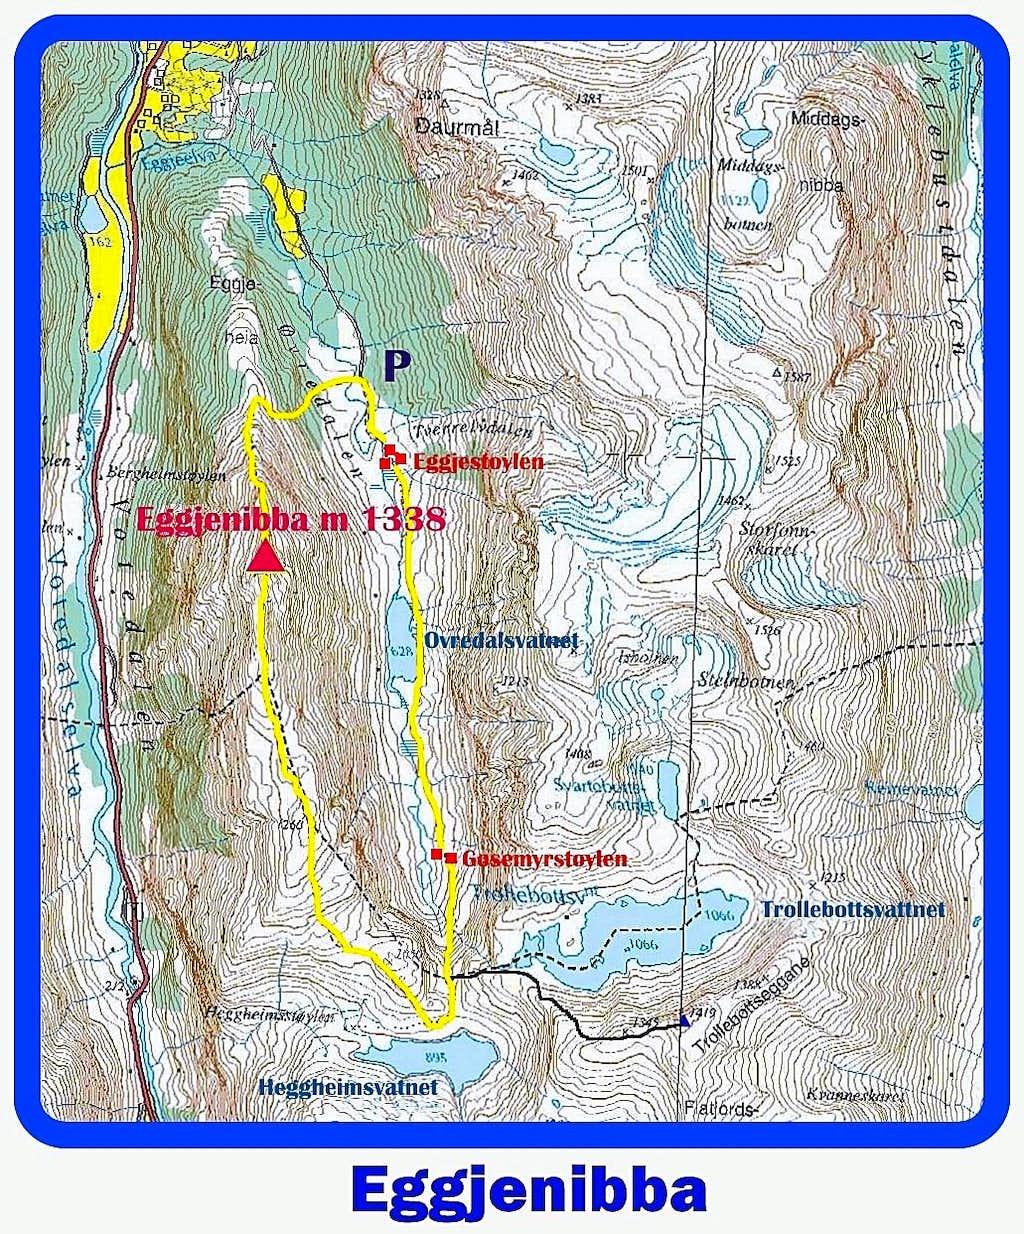 Eggjenibba map